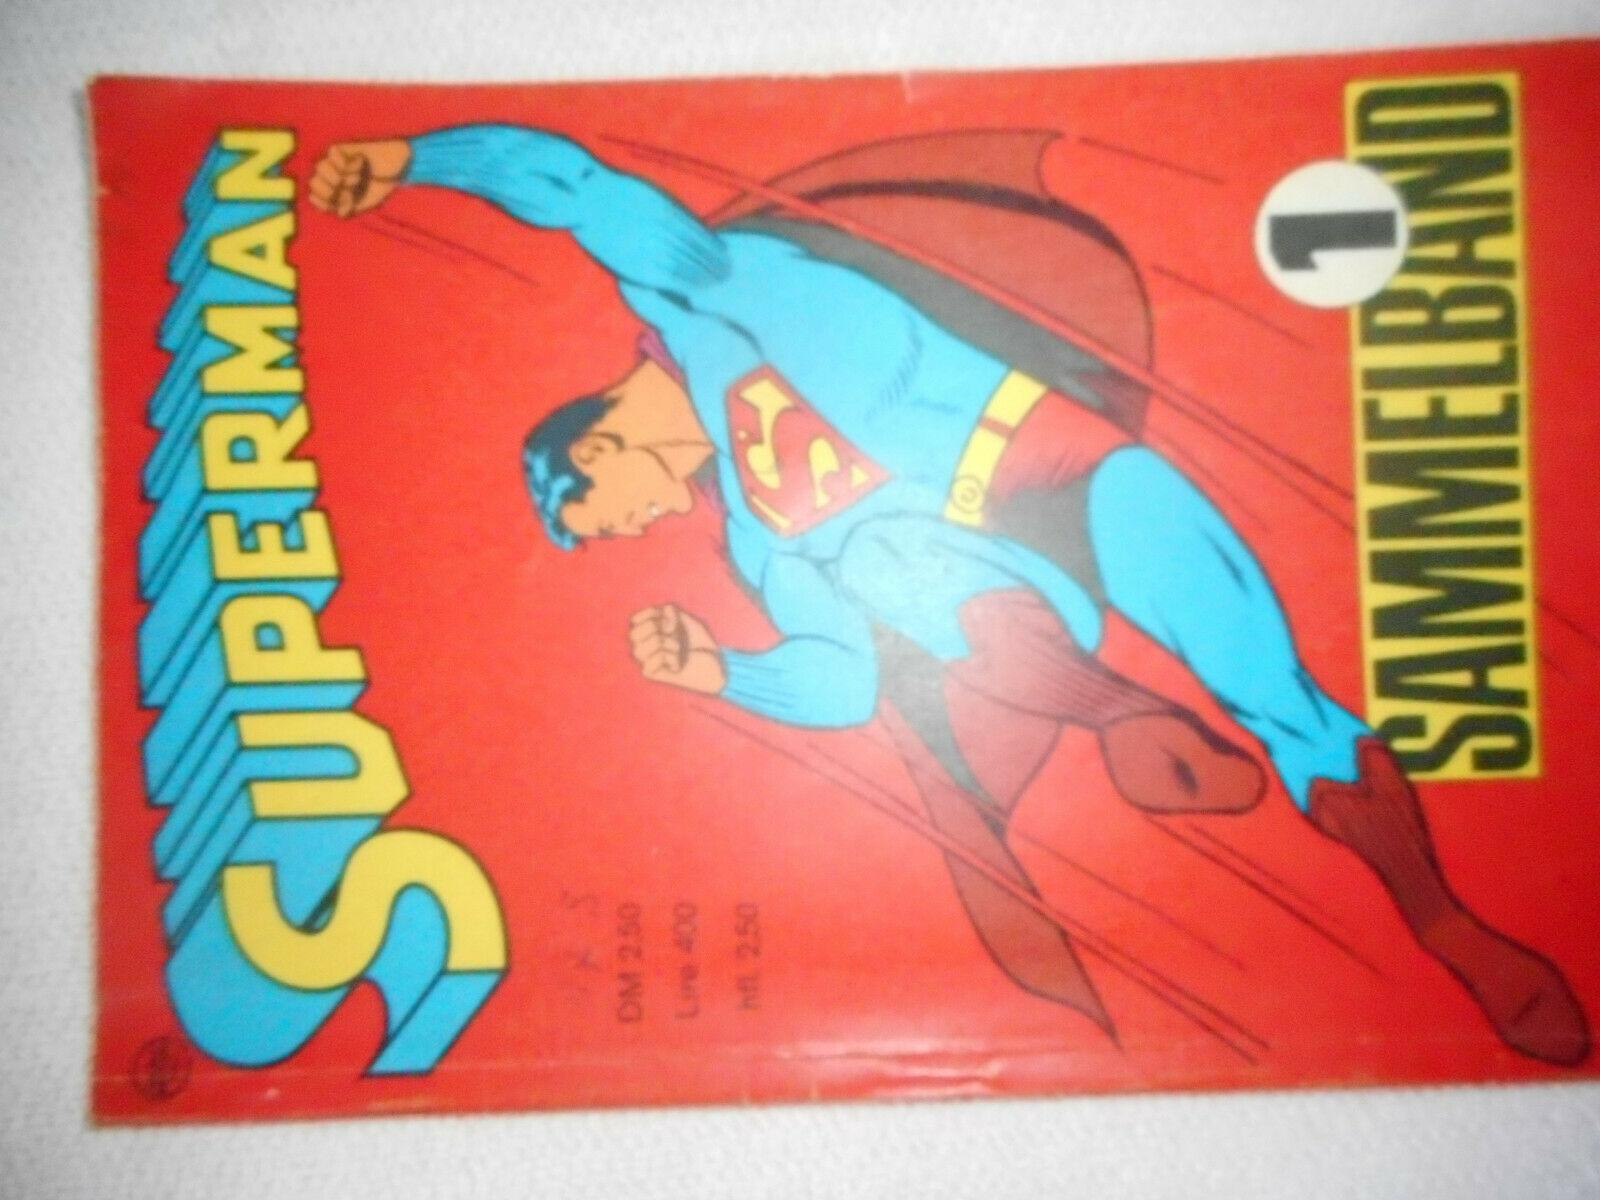 Superman Sammelband Nr. 1 - 1967 (mit den Heften 1-4 von 1966) Ehapa Verlag - Z2